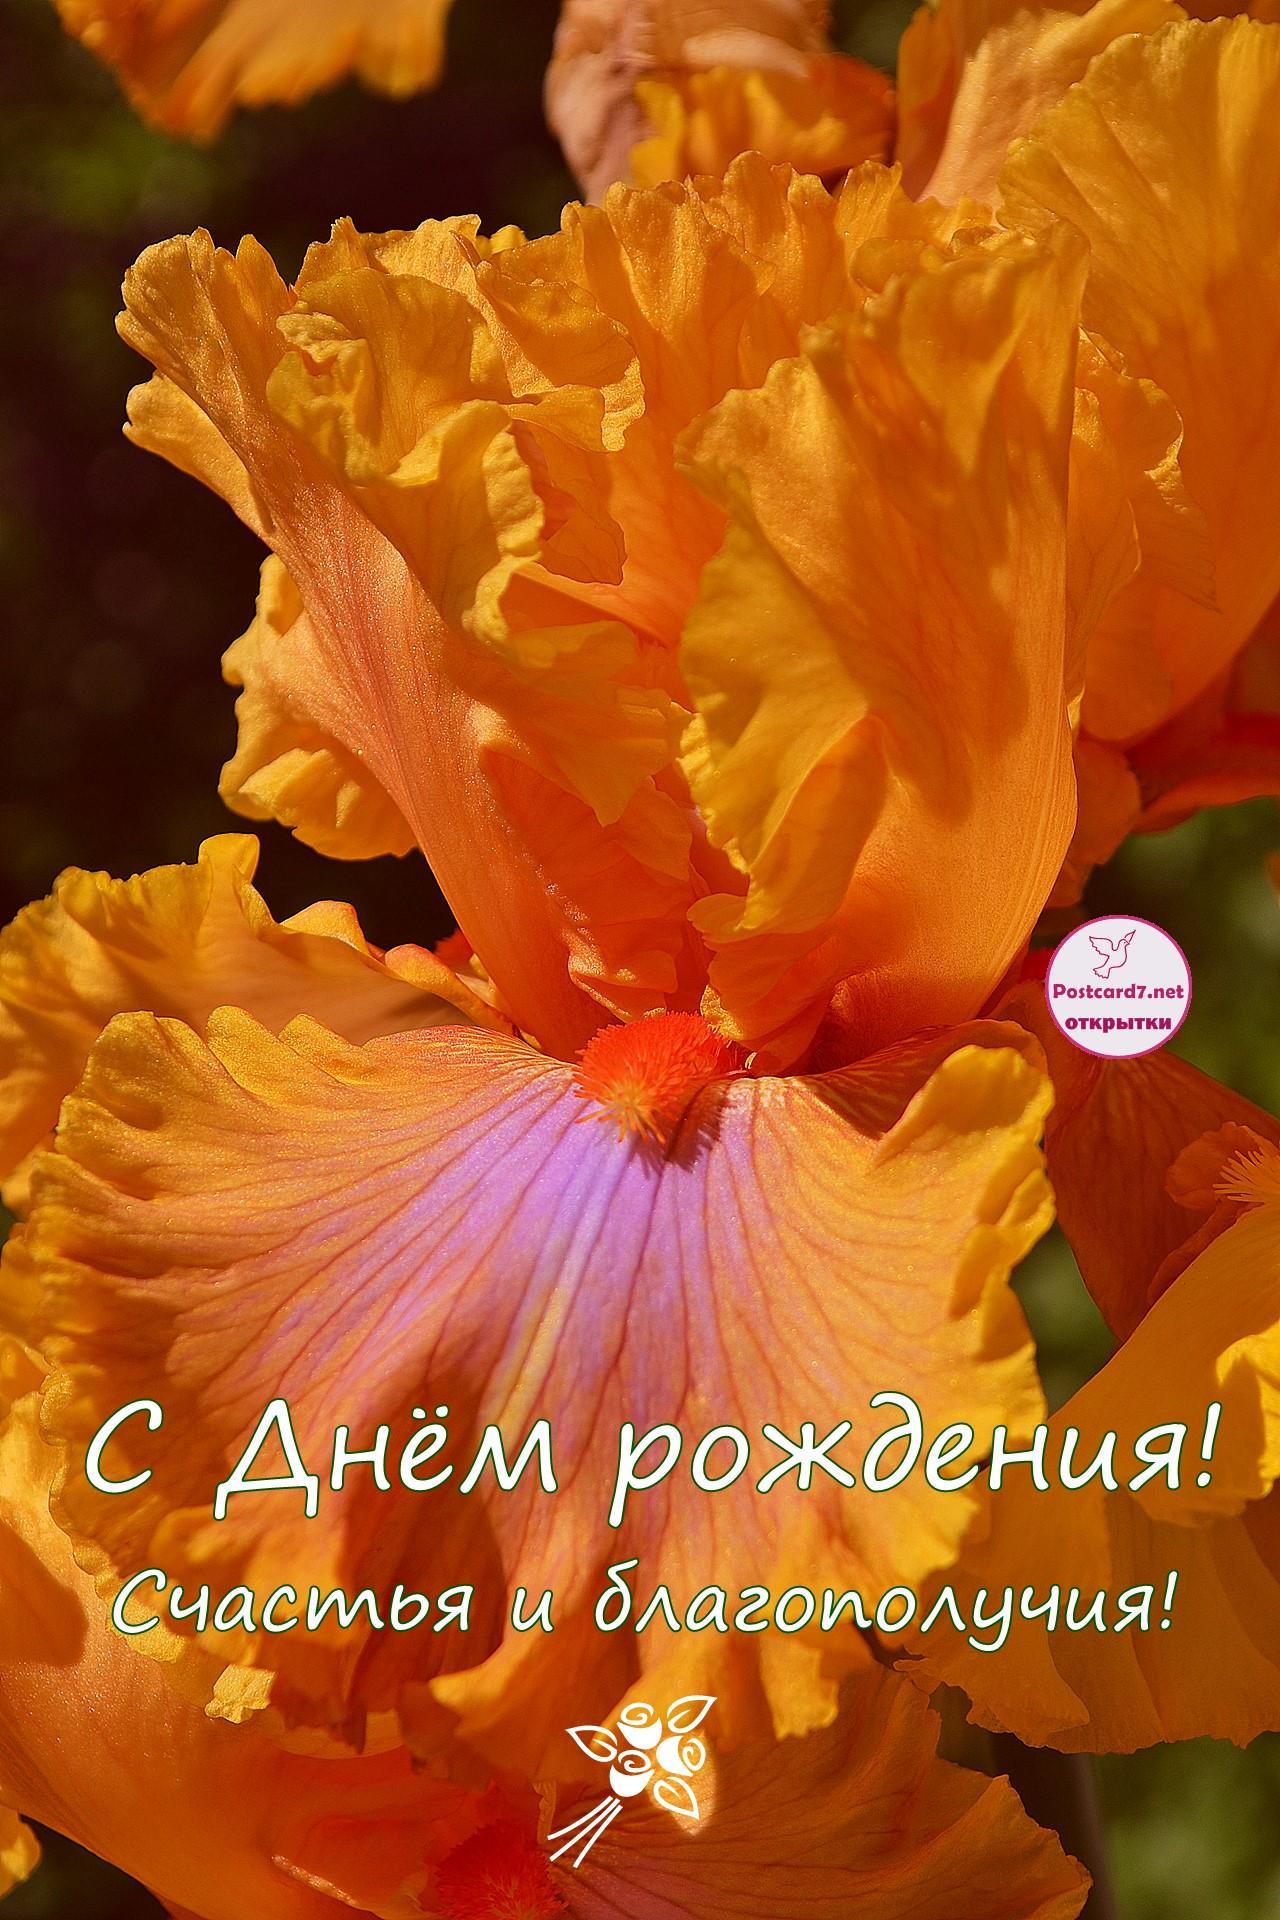 С Днём рождения, открытка с оранжевым ирисом